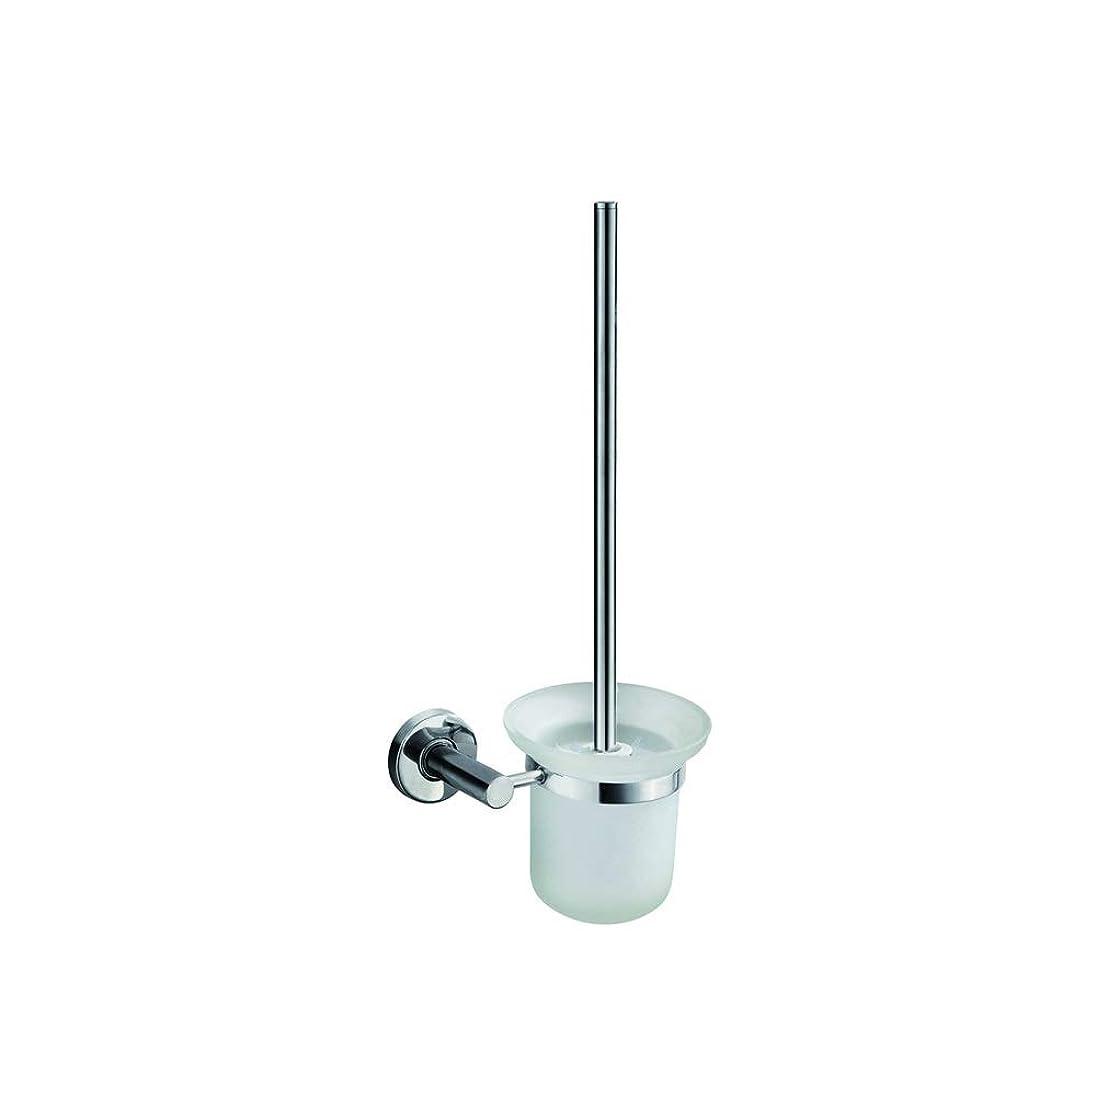 花弁ペース付与TangYiShop 浴室の棚タオルラックタオルバー紙タオルホルダートイレブラシ304ステンレス鋼セット (Size : E)